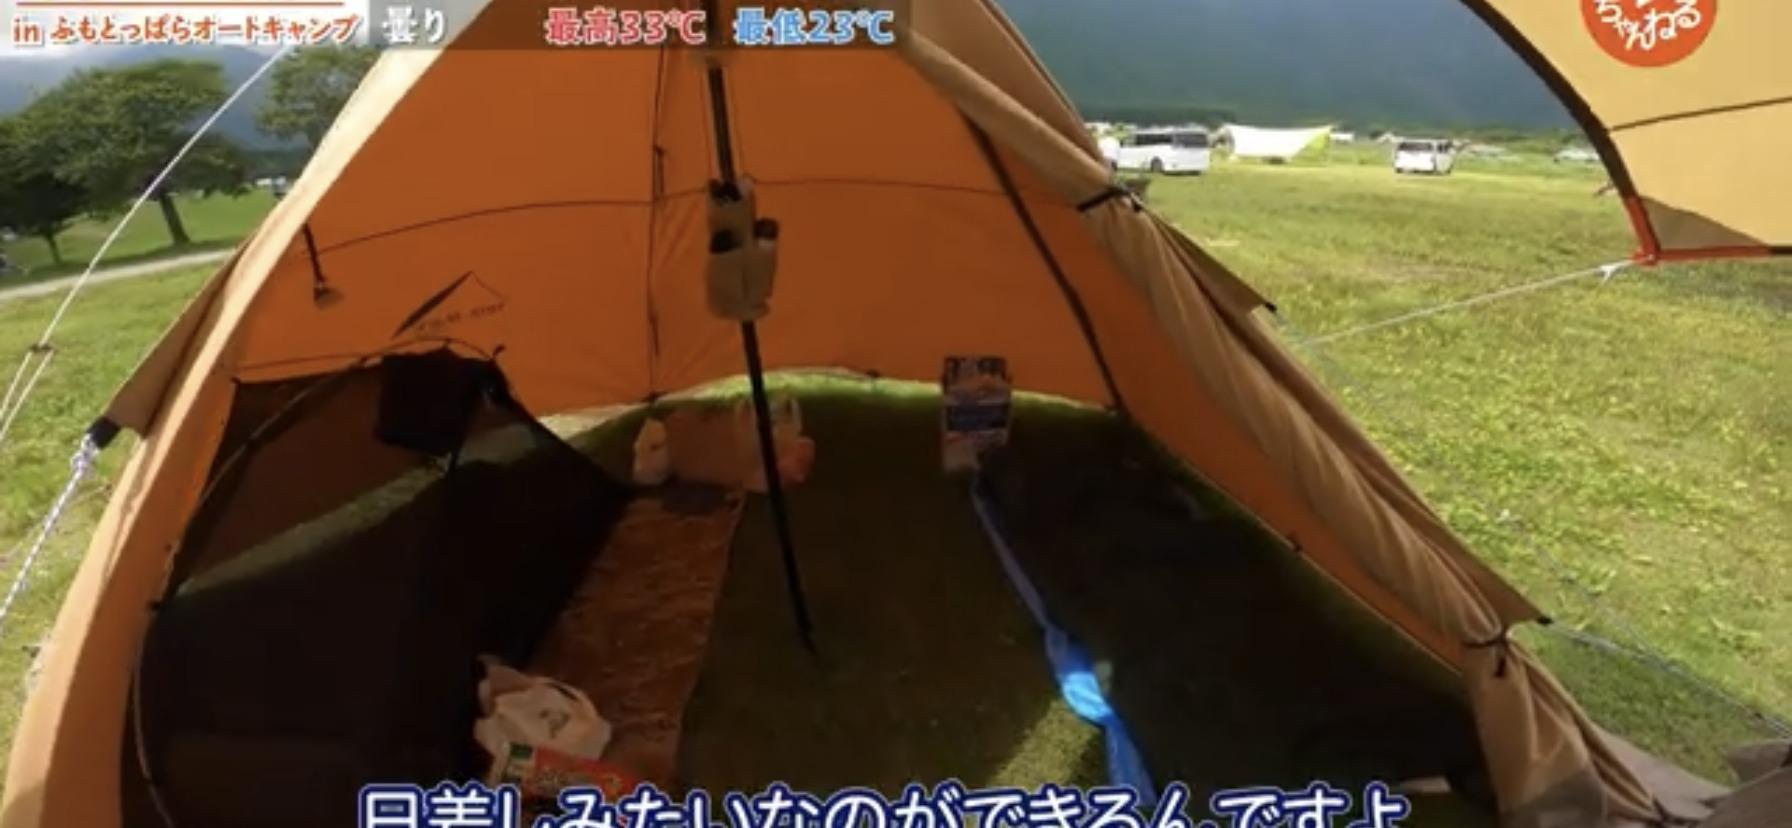 テント:【テンマクデザイン】サーカス TC DX